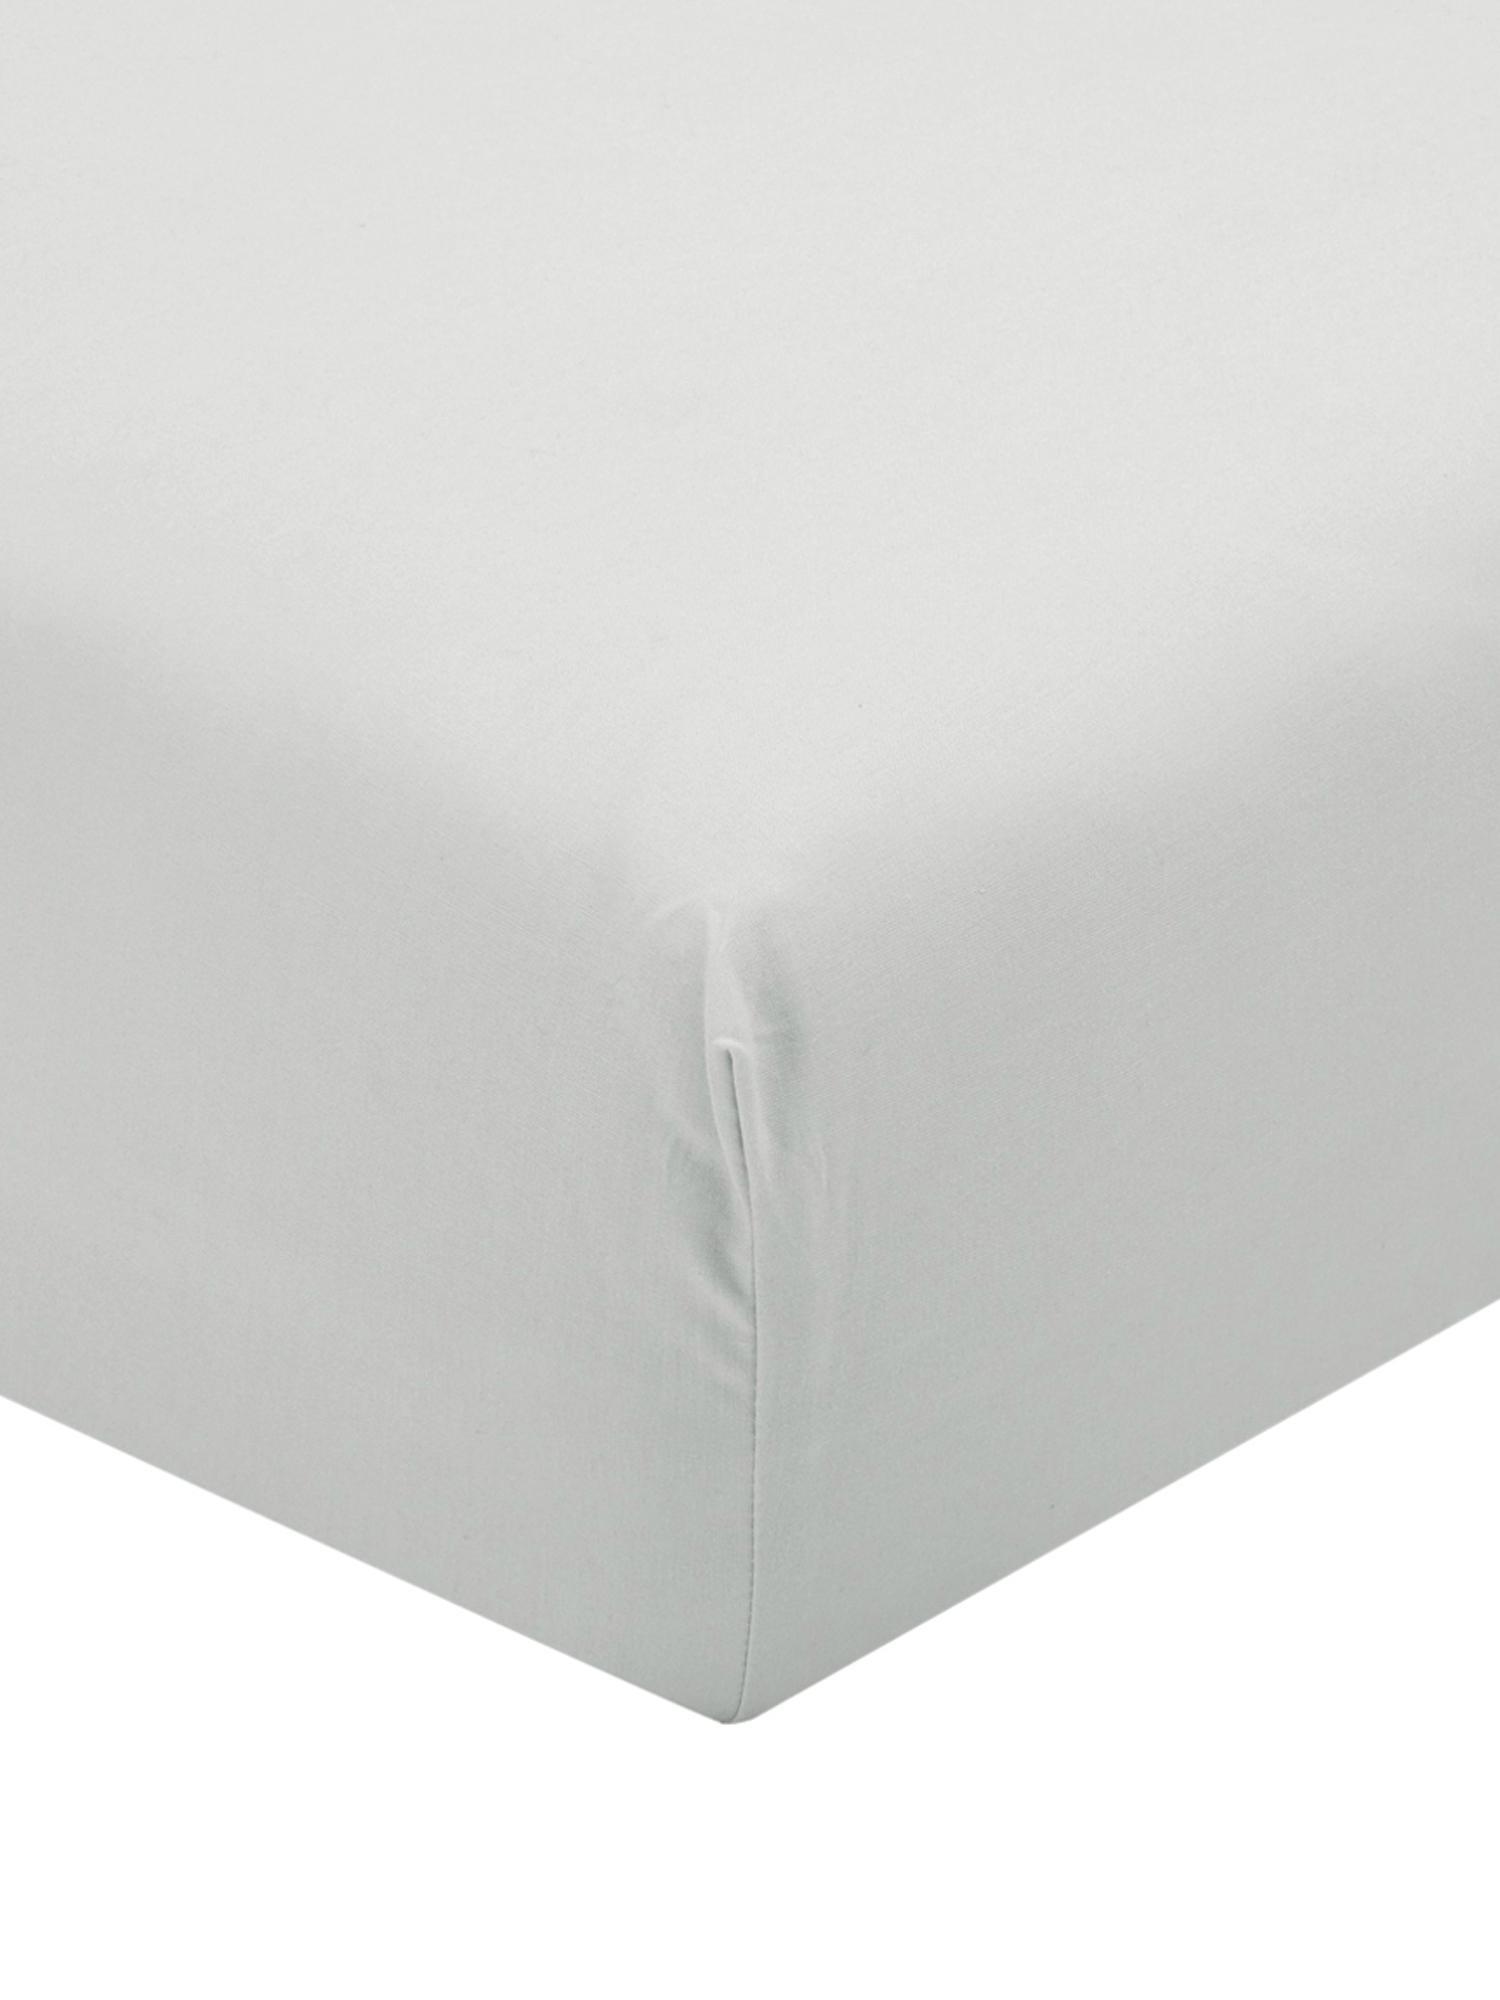 Perkal hoeslaken Elsie, Weeftechniek: perkal, Lichtgrijs, 90 x 200 cm